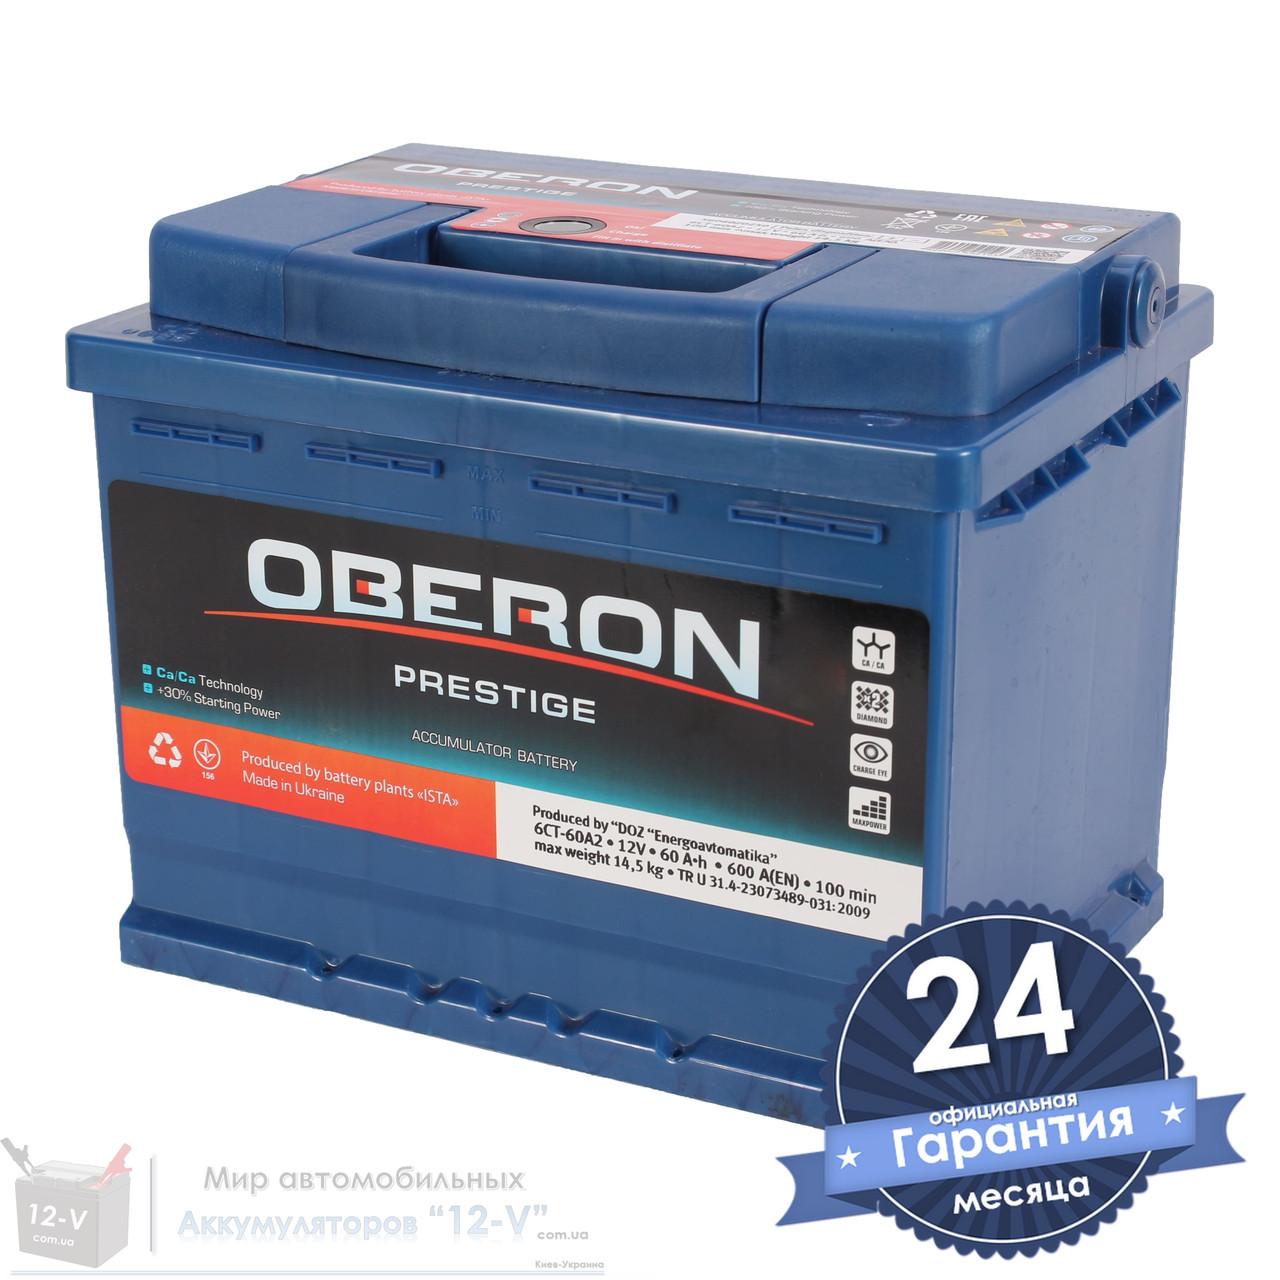 Аккумулятор автомобильный OBERON Prestige 6CT 60Ah, пусковой ток 600А (Низкий) [+|–]